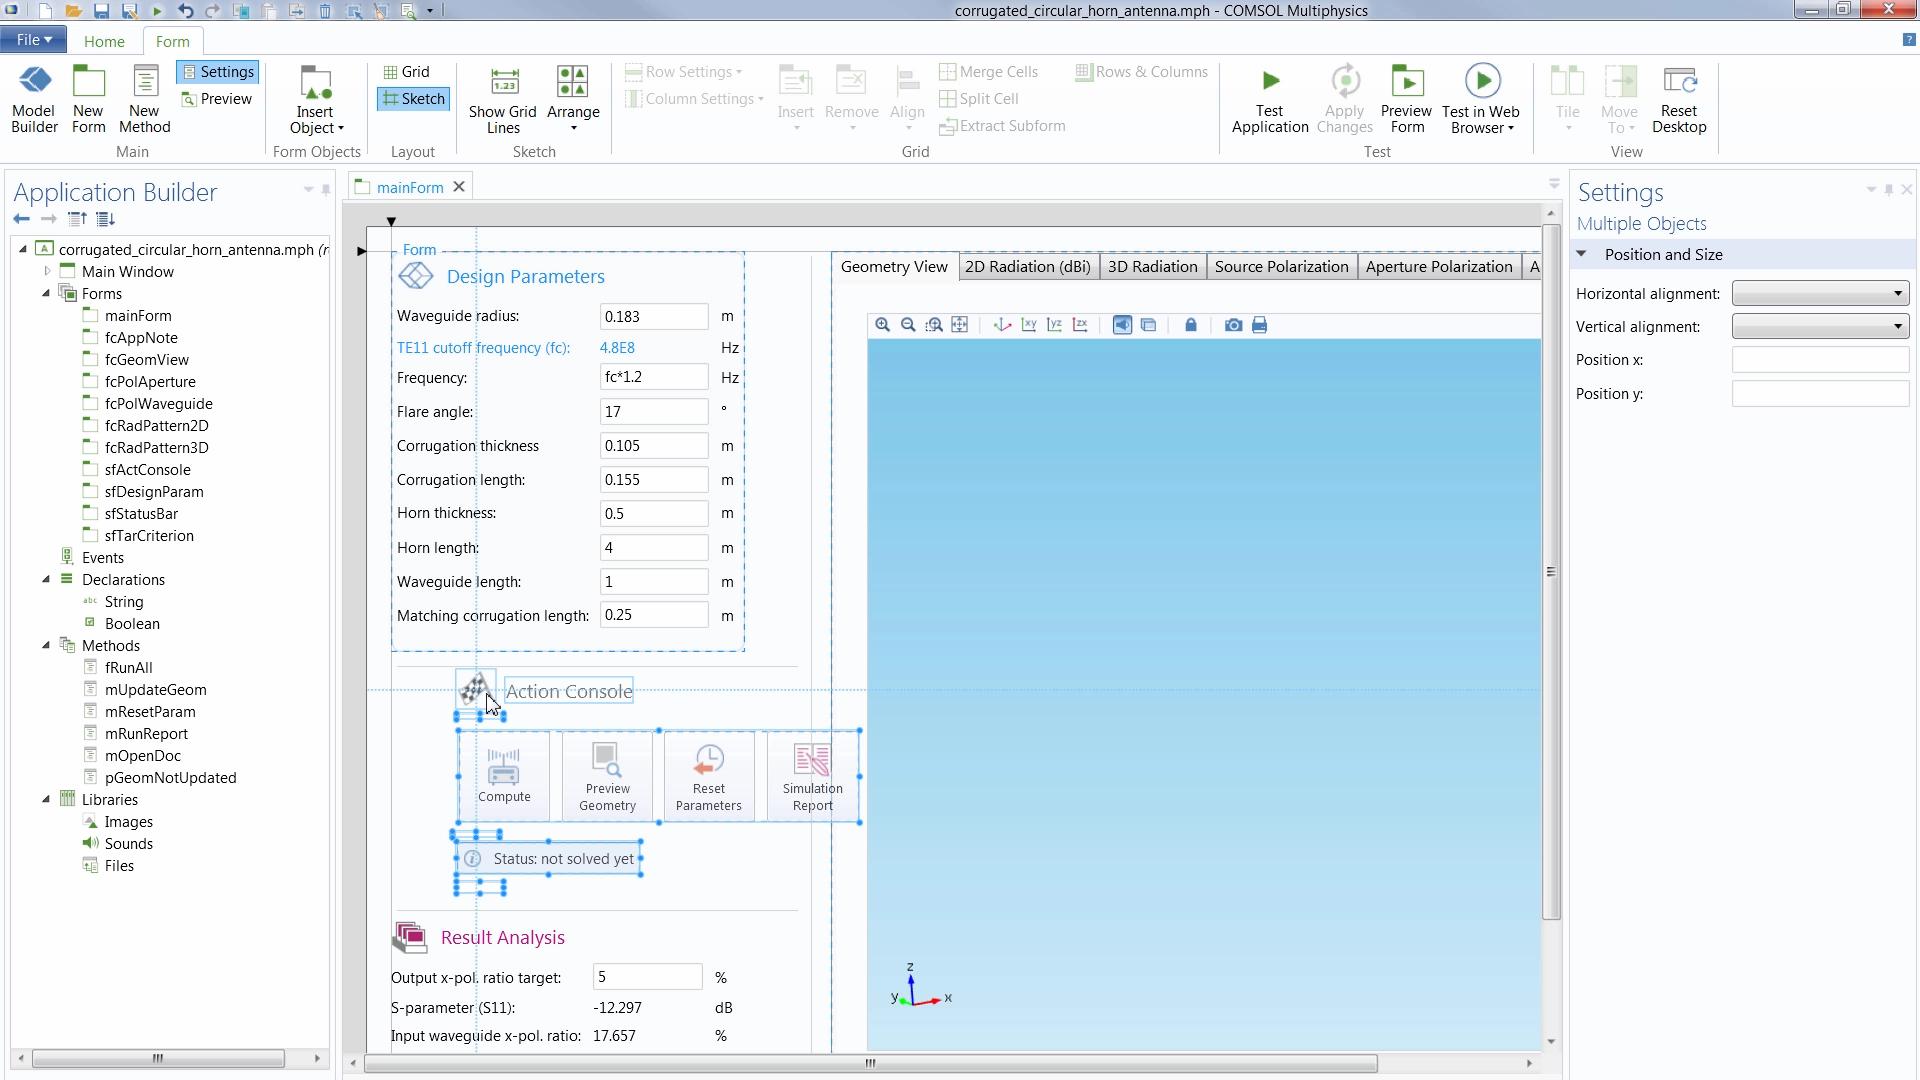 Application Builder - COMSOL Multiphysics 5.1